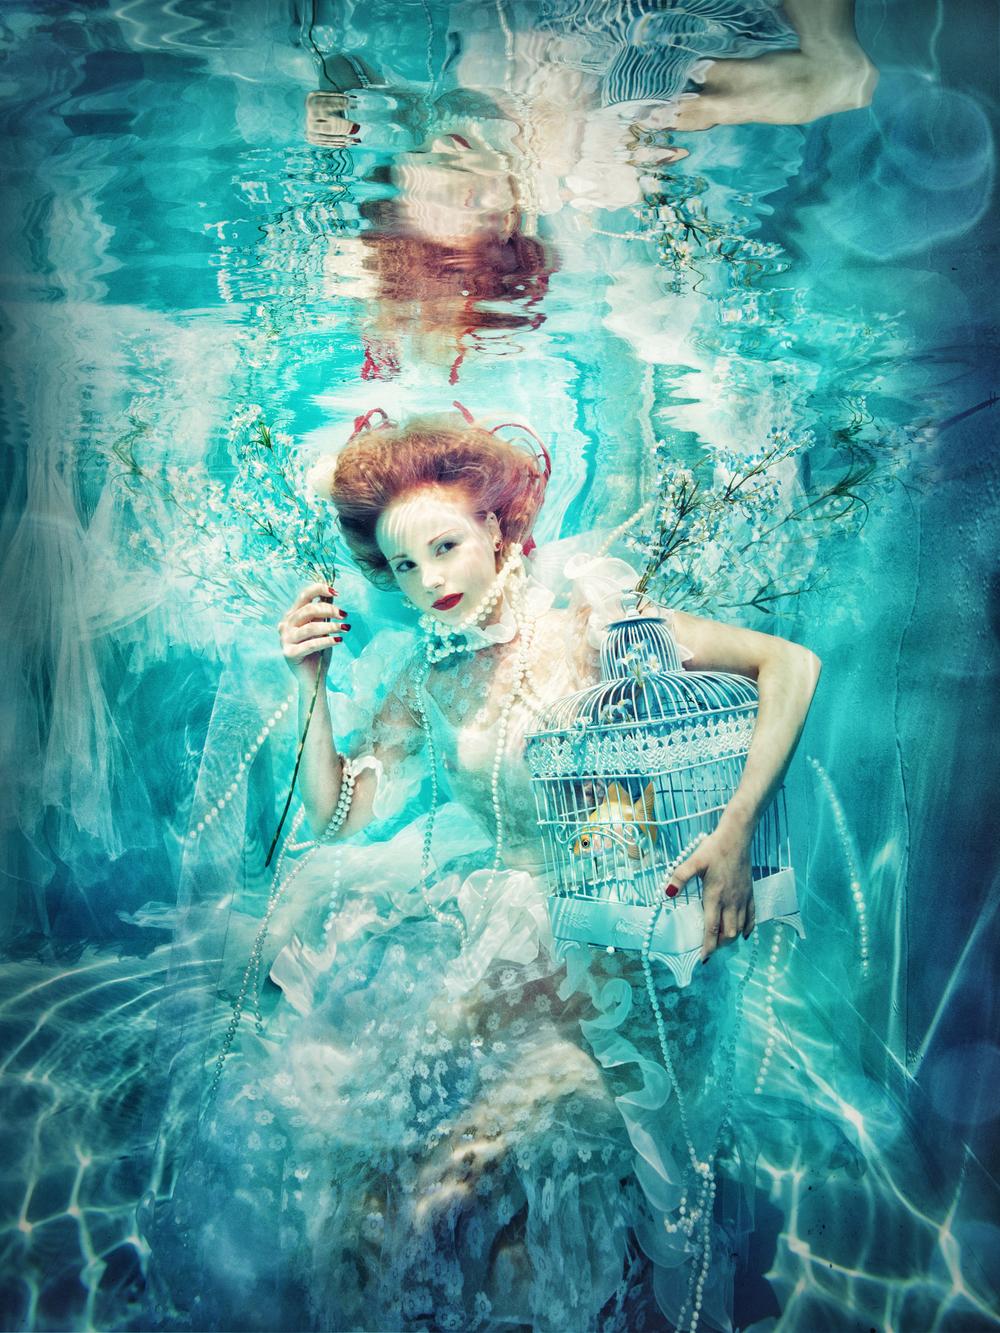 sonja unterwasser 1.jpg